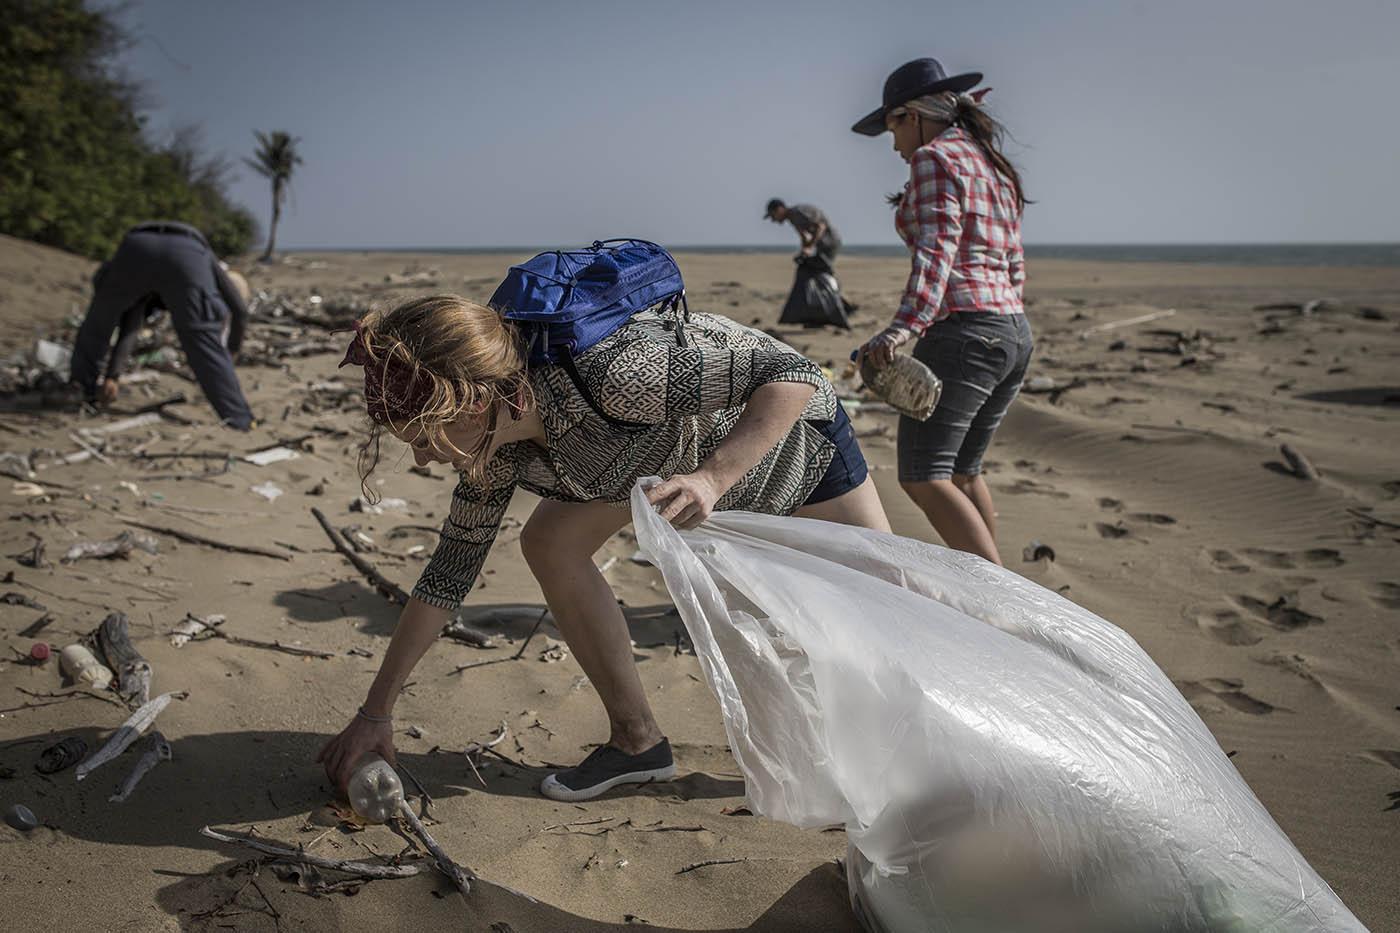 beach clean-up el toro 4-17 (3).jpg